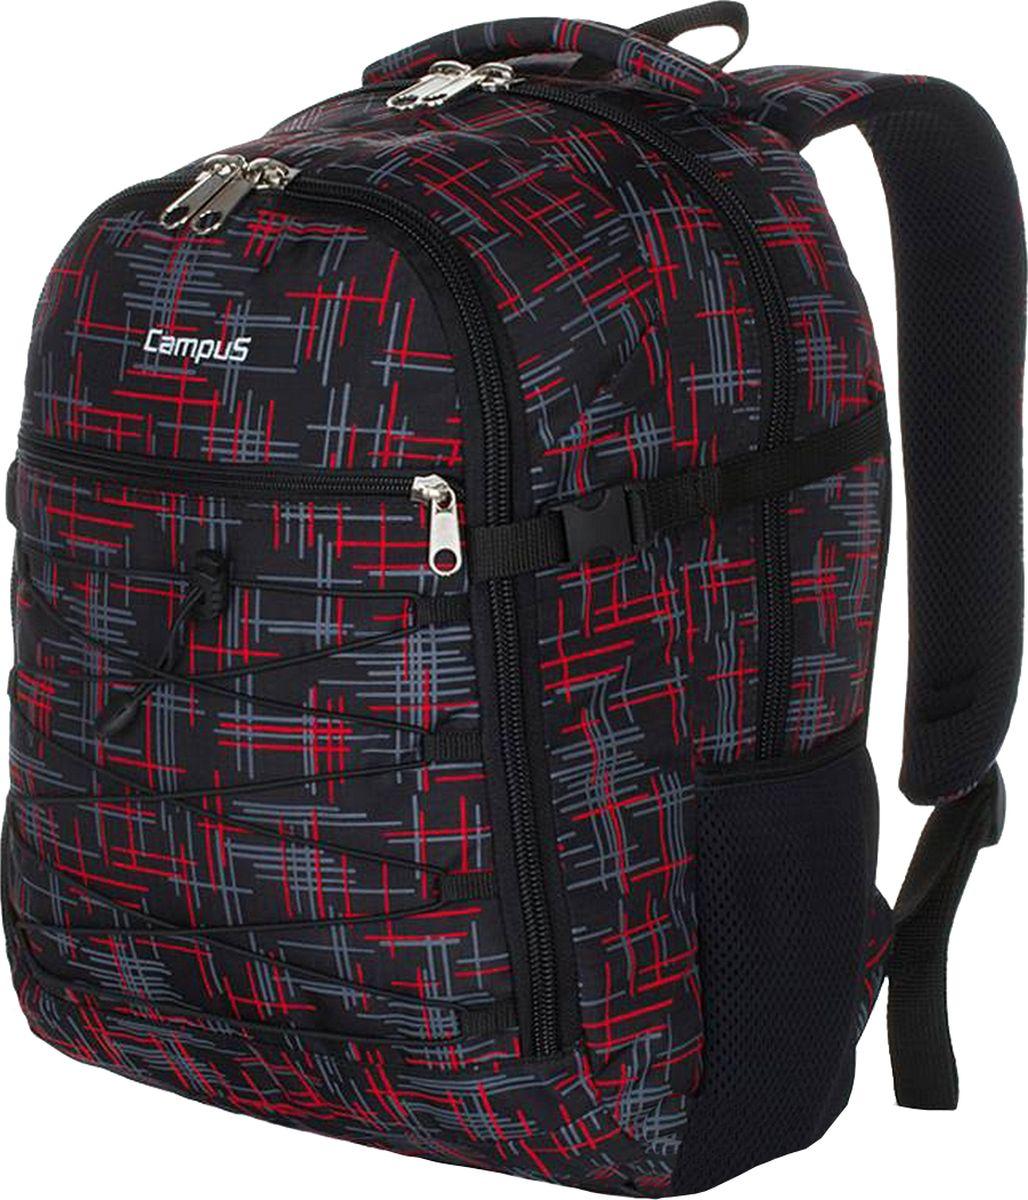 Рюкзак городской Campus Murter, цвет: черный, красный, 35 л. 50380251308275038025130827Рюкзак Campus Murter идеально подходит для пеших прогулок, так и для повседневного использования. Рюкзак сделан из высококачественныхматериалов, поэтому отличается высокой прочностью.Особенности рюкзака: - материал полиэстер ripstop,- очень прочные и долговечные молнии,- усиленная нижняя часть рюкзака,- два основных отделения, на молнии, в одном из них имеетсяорганайзер на молнии,- передний карман на молнии,- резиновый рант на переднем кармане,- боковые компрессионные ремни,- боковой карман для фляги,- ручка для переноски,- ручка (держатель), чтобы повесить рюкзак,- удобная спинка и плечевые ремни.